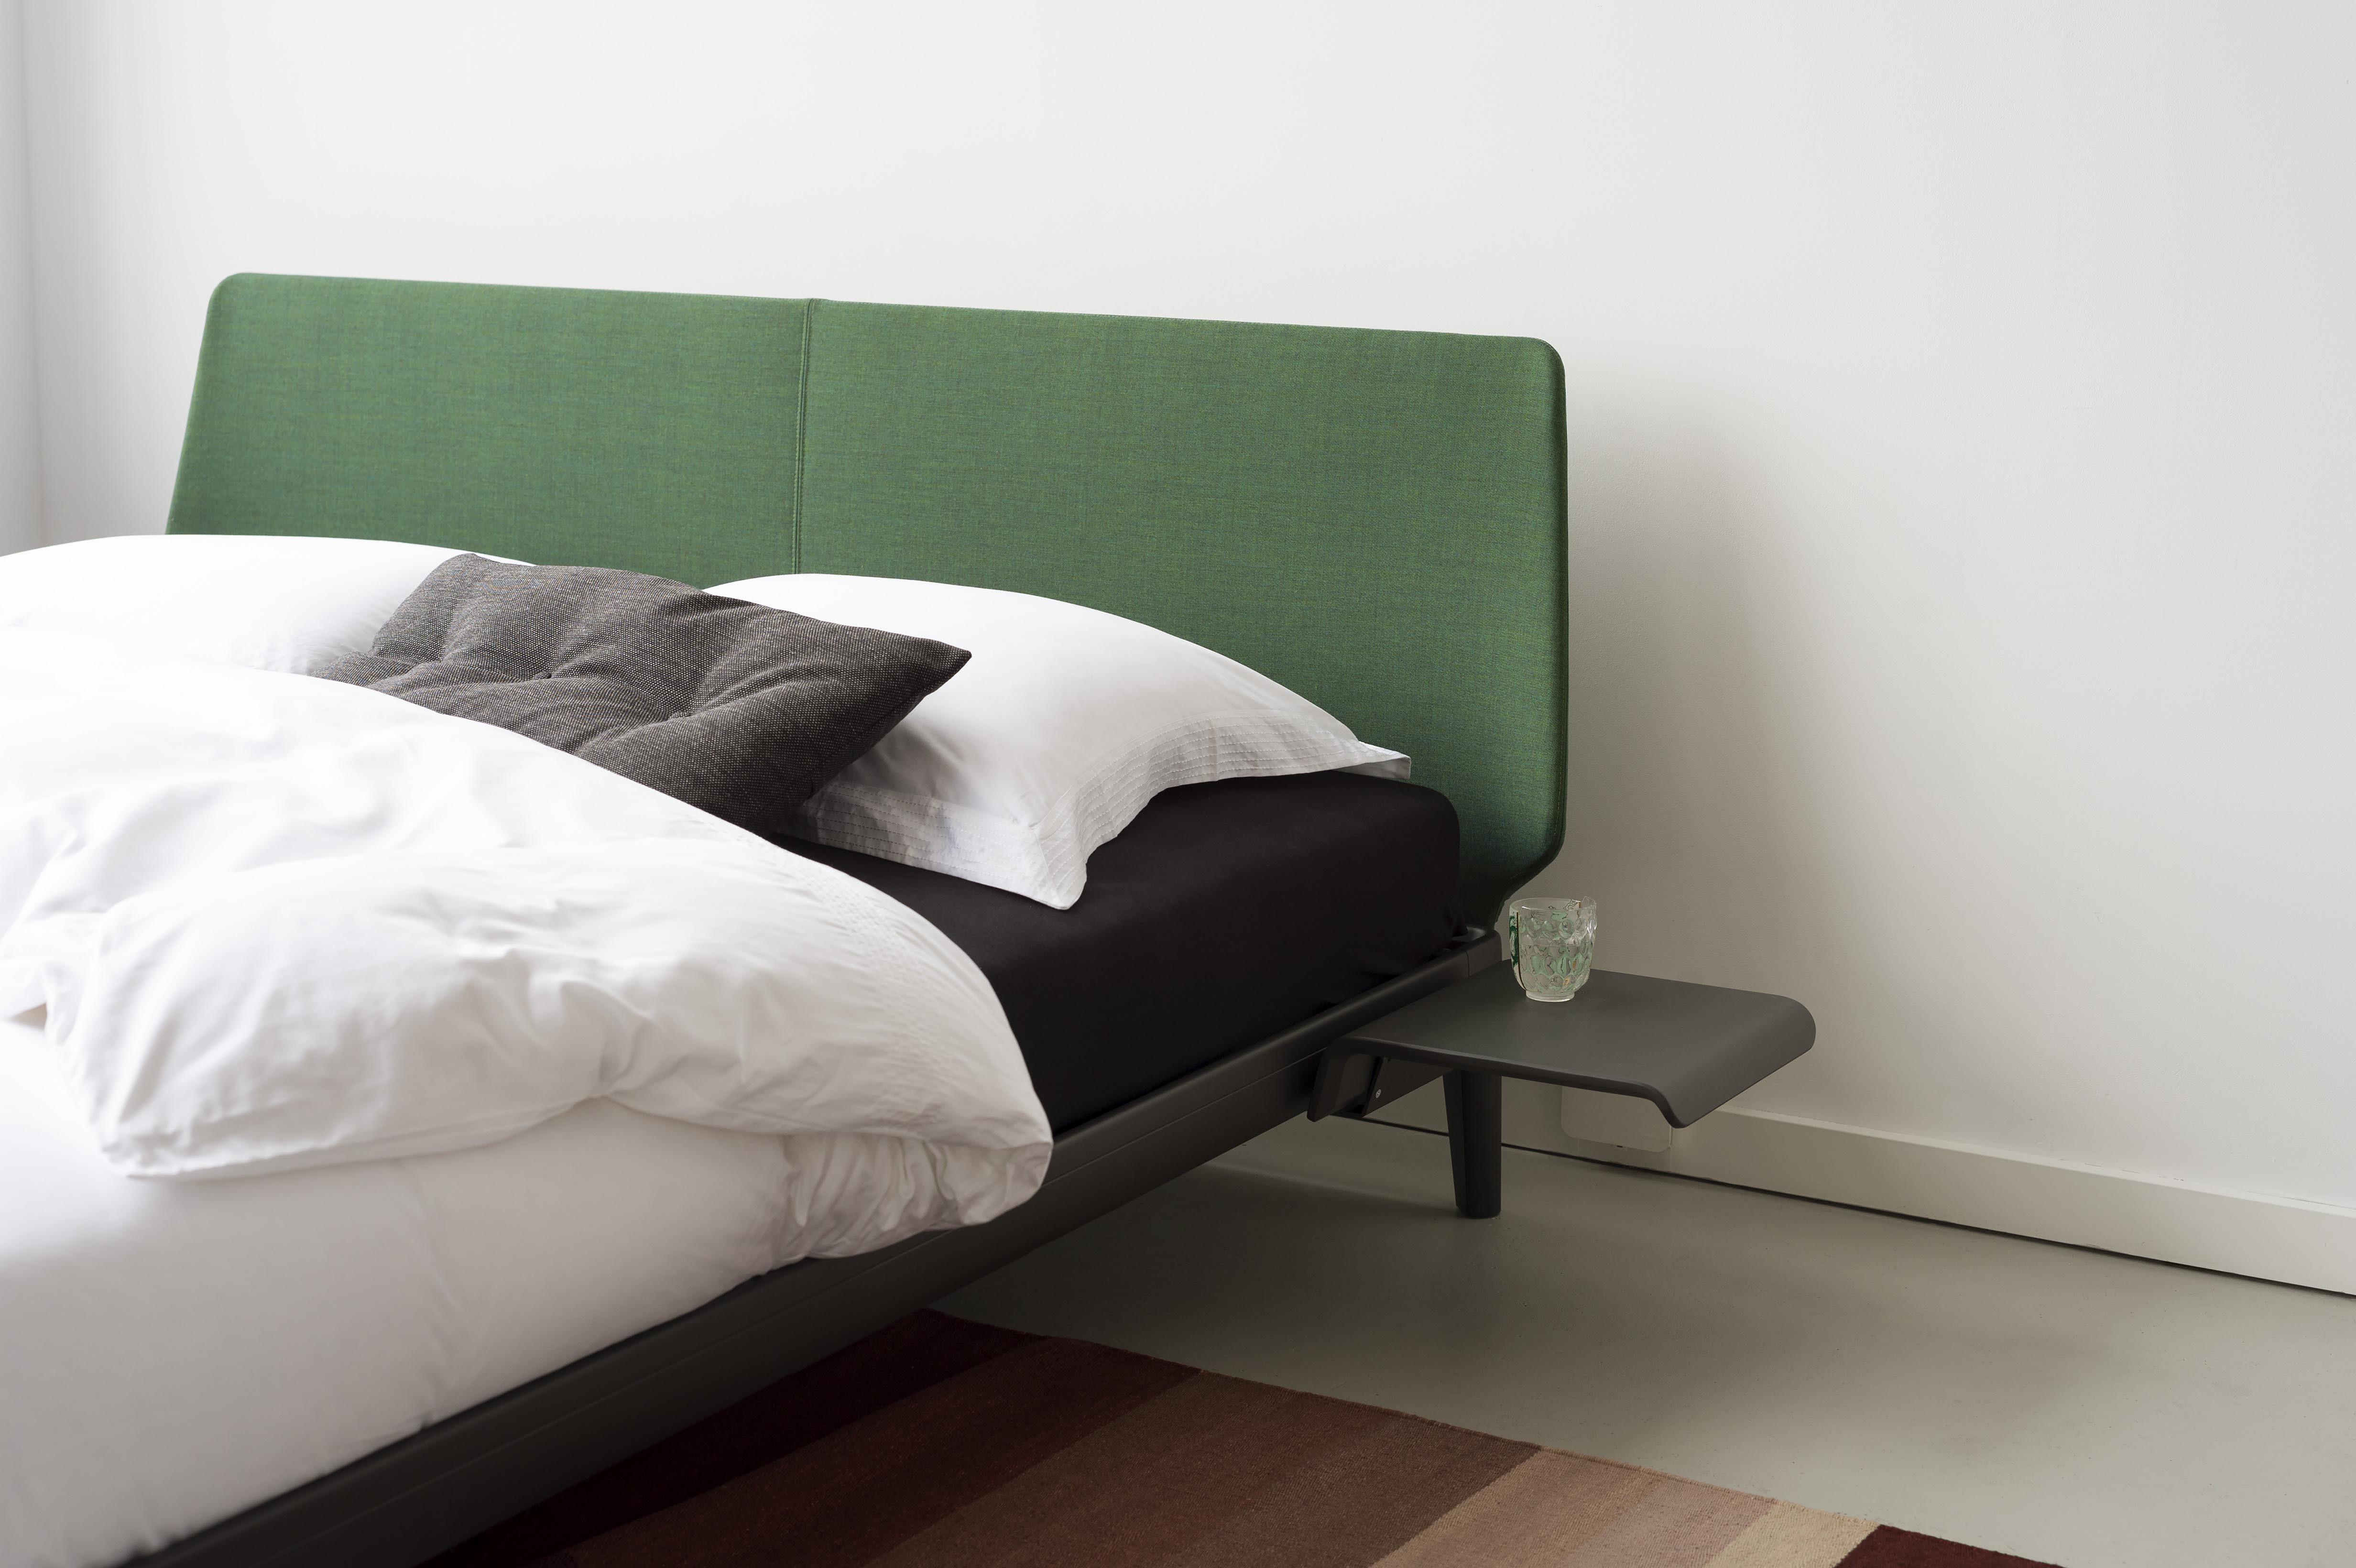 auping bed met hoofdbord